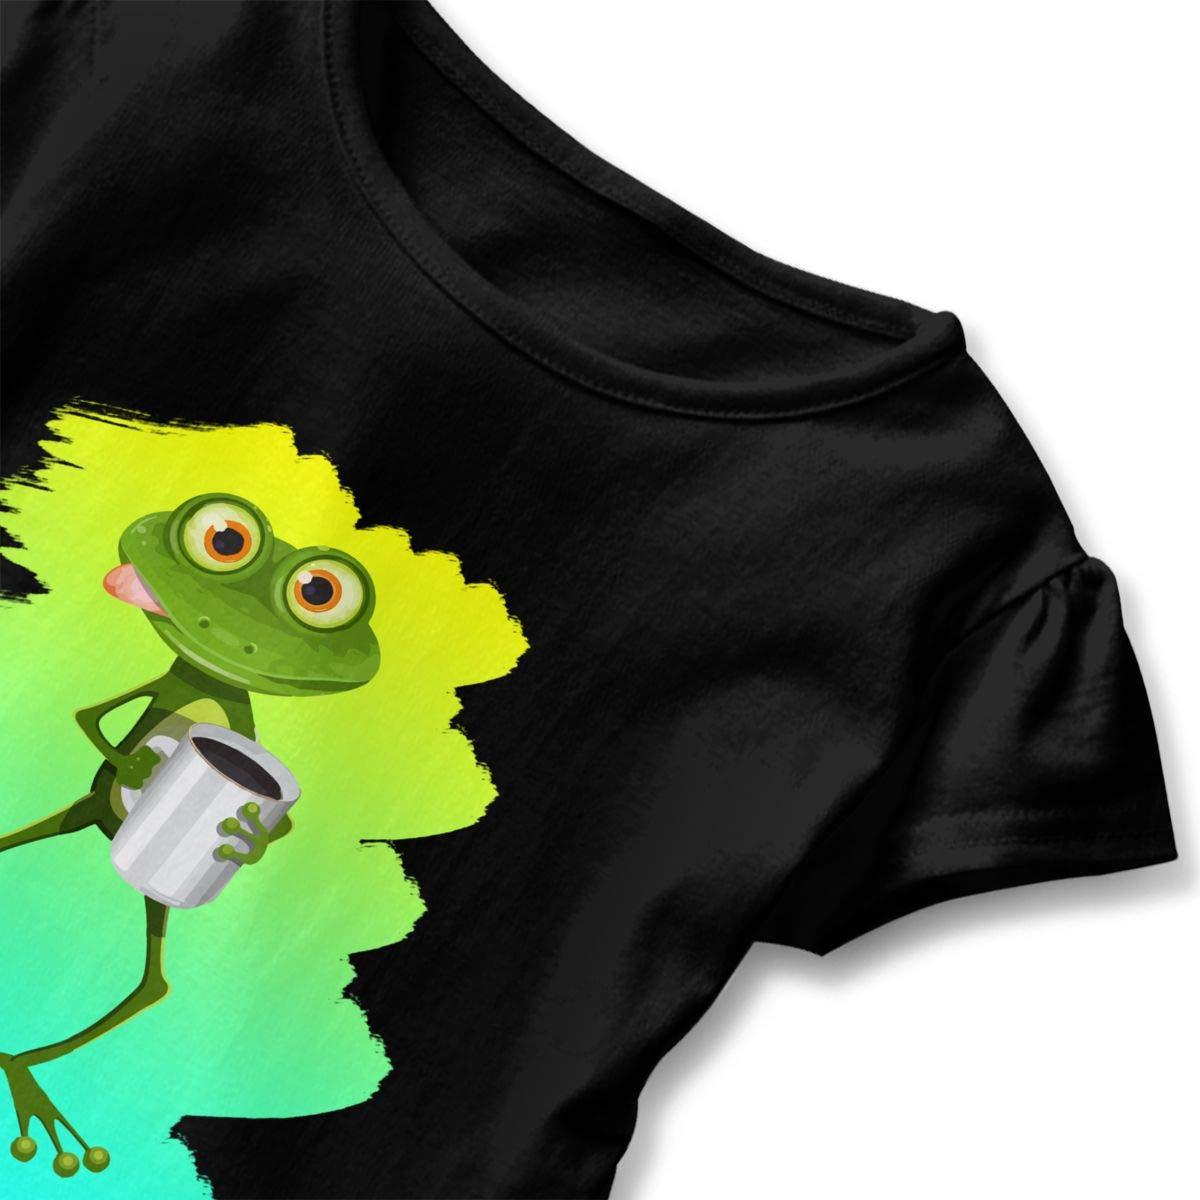 The Frog Drink Tea Cute Short Sleeve Clothes for Boy Girl Dress Cotton T-Shirt Unique Bodysuit Romper,One-Piece Jumpsuit